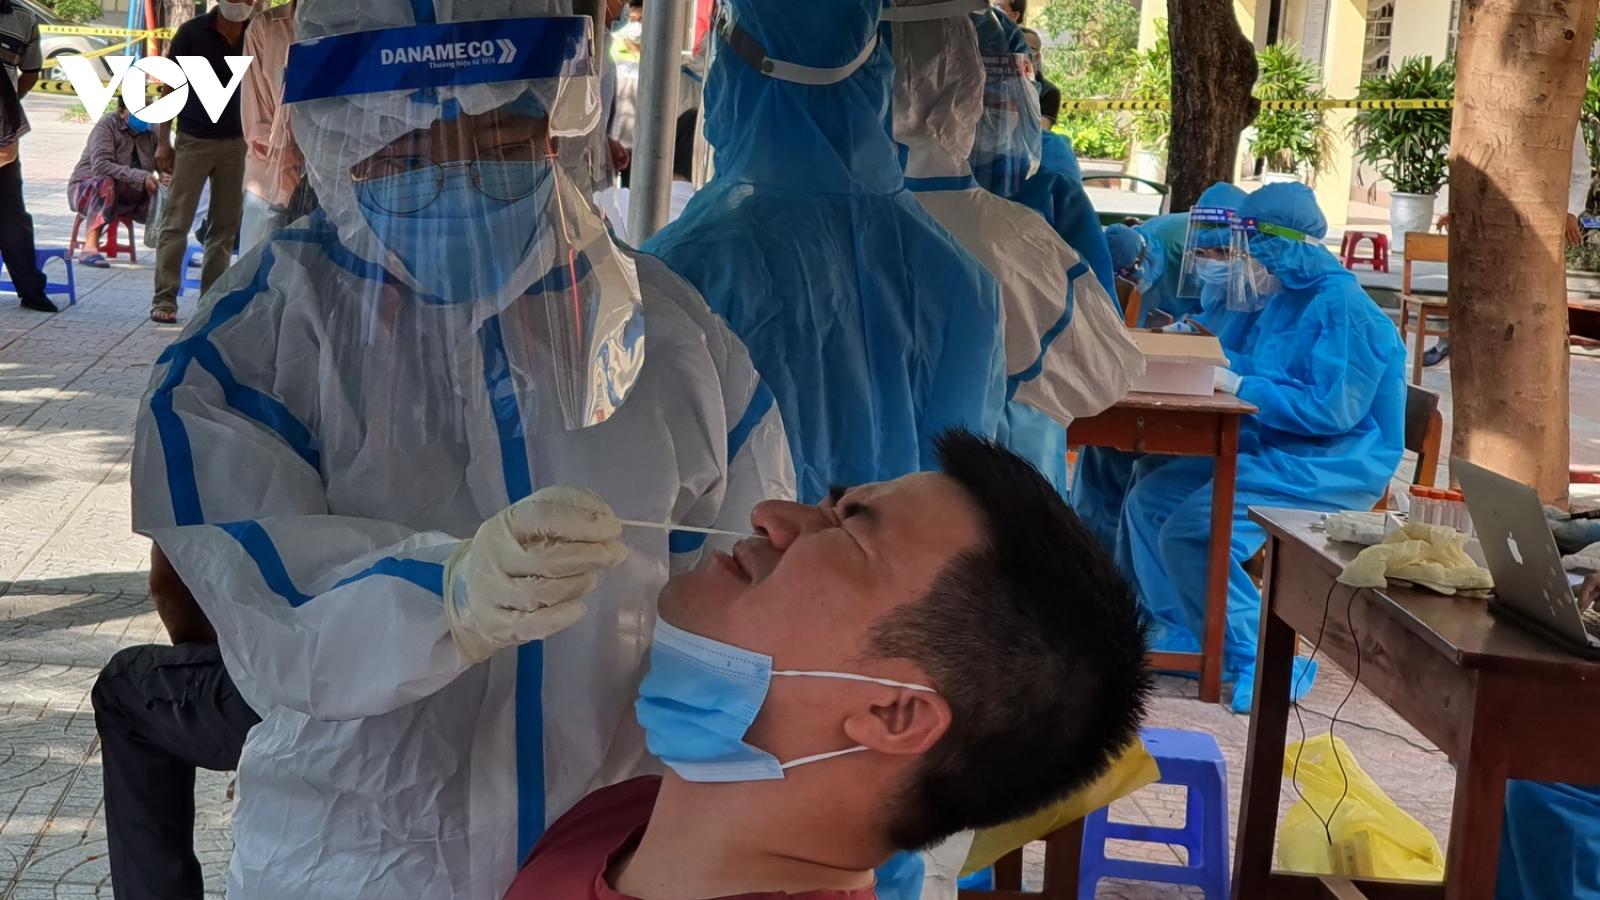 Đà Nẵng lấy mẫu xét nghiệm cho các hộ dân toàn thành phố